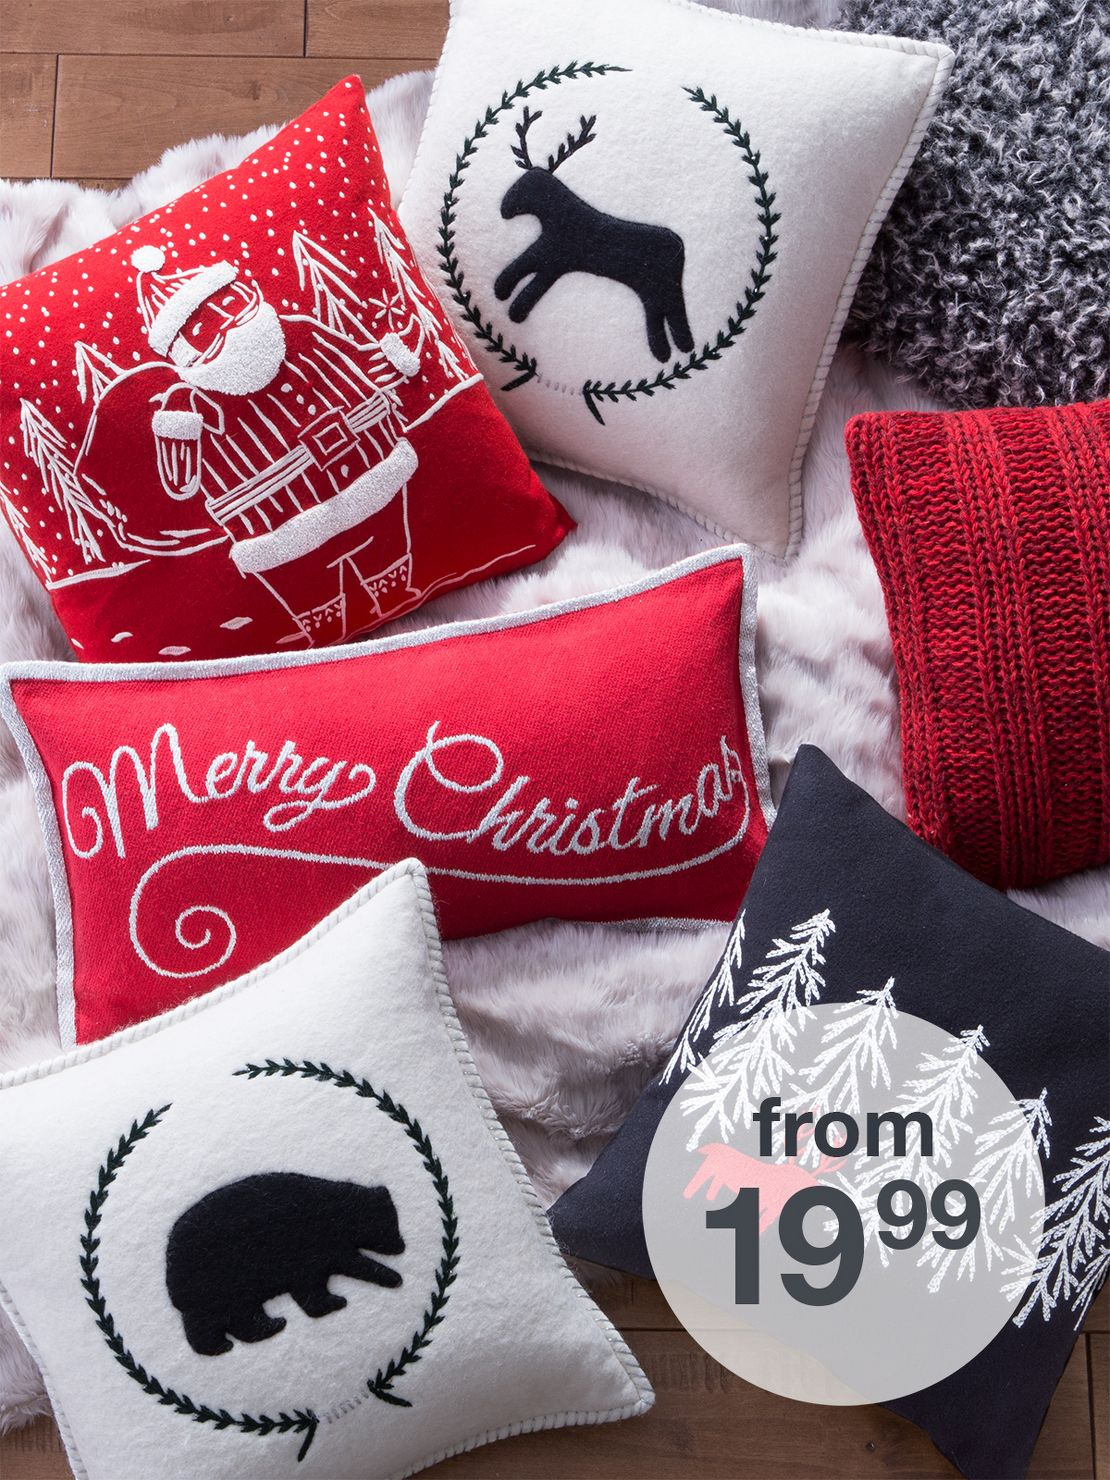 Shop home decor chevron stripes pillow from shop home decor - Throw Pillows